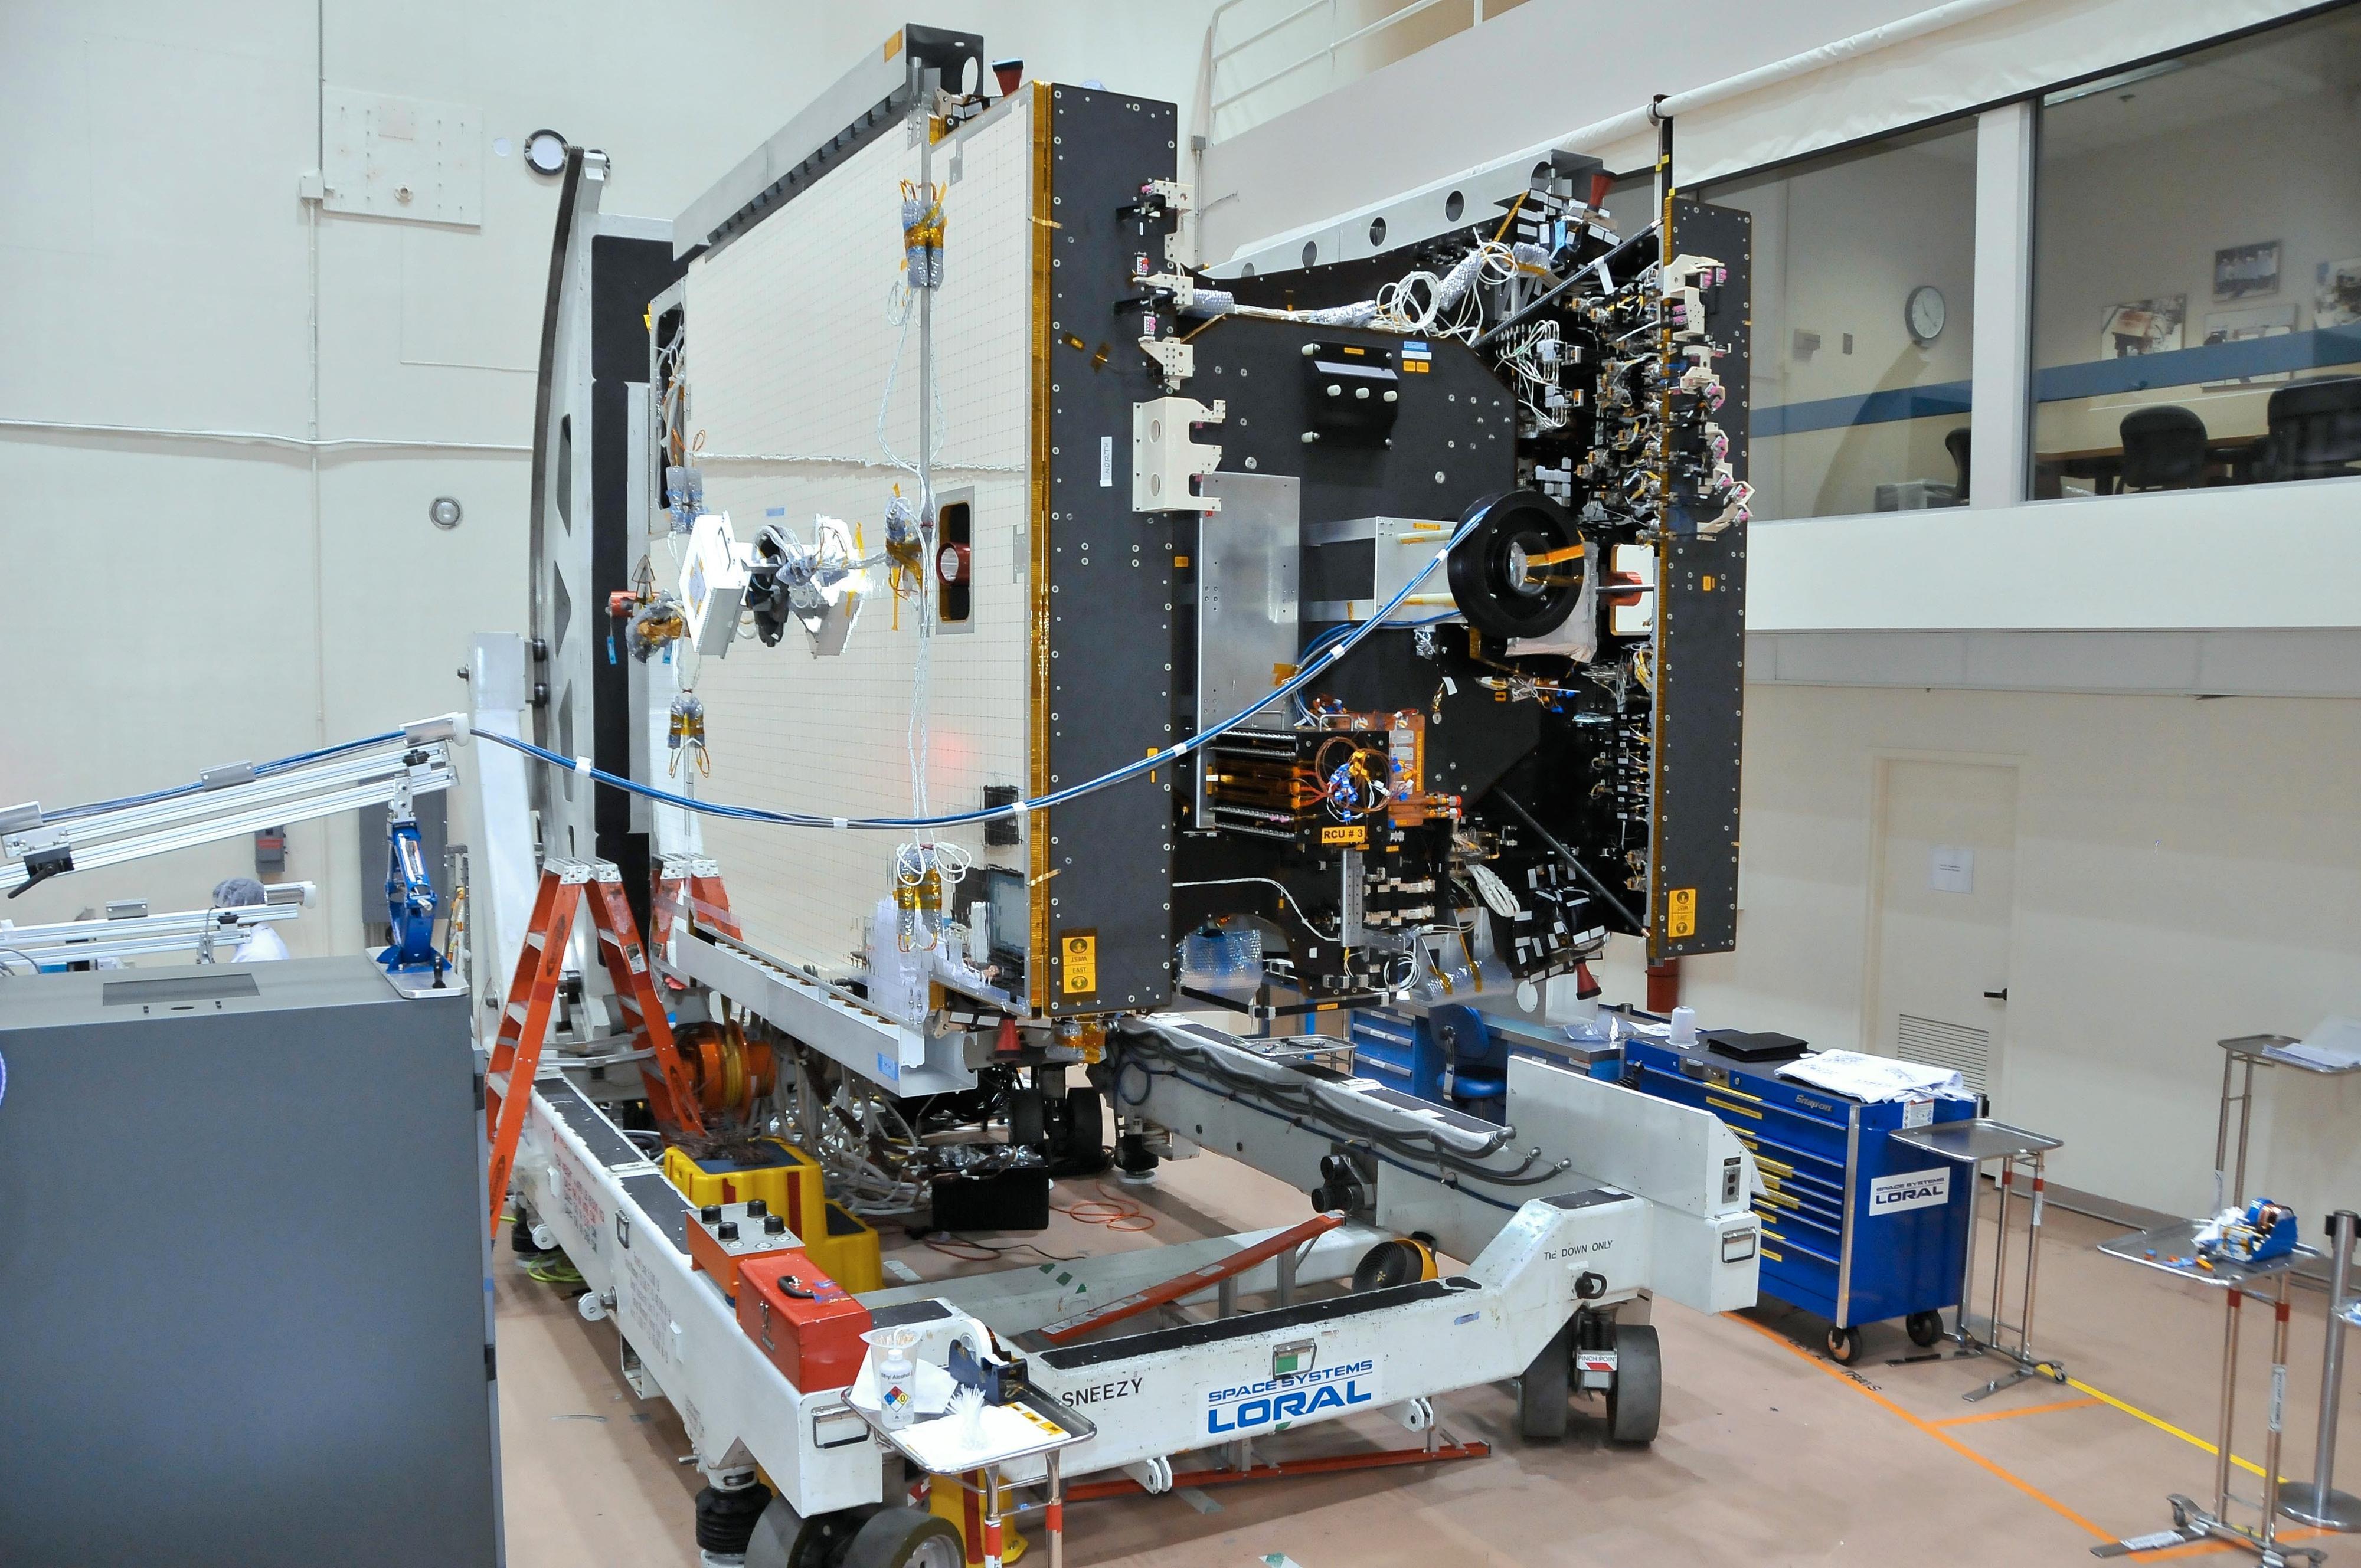 Thor 7 under en tidlig konstruksjonsfase, der mye utstyr fortsatt mangler. Foto: SSL